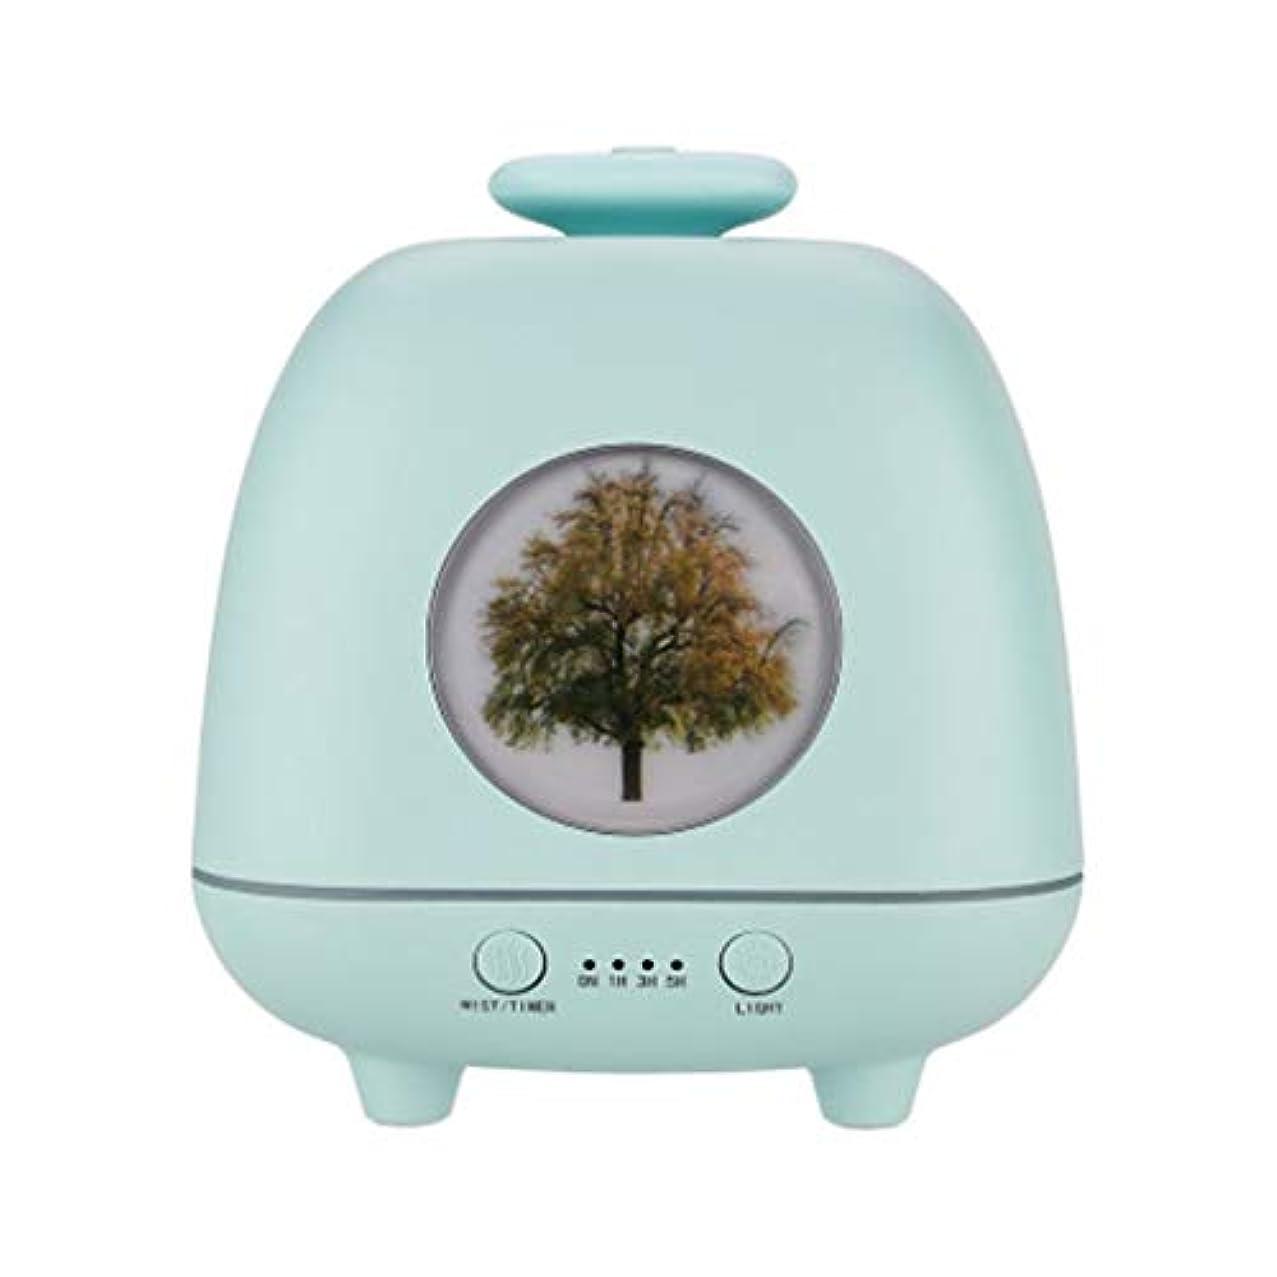 小川情報コンテスト超音波ホームデスクトップクリエイティブ雰囲気ナイトライト加湿器寝室の赤ちゃん女性の家の装飾 (Color : Green)